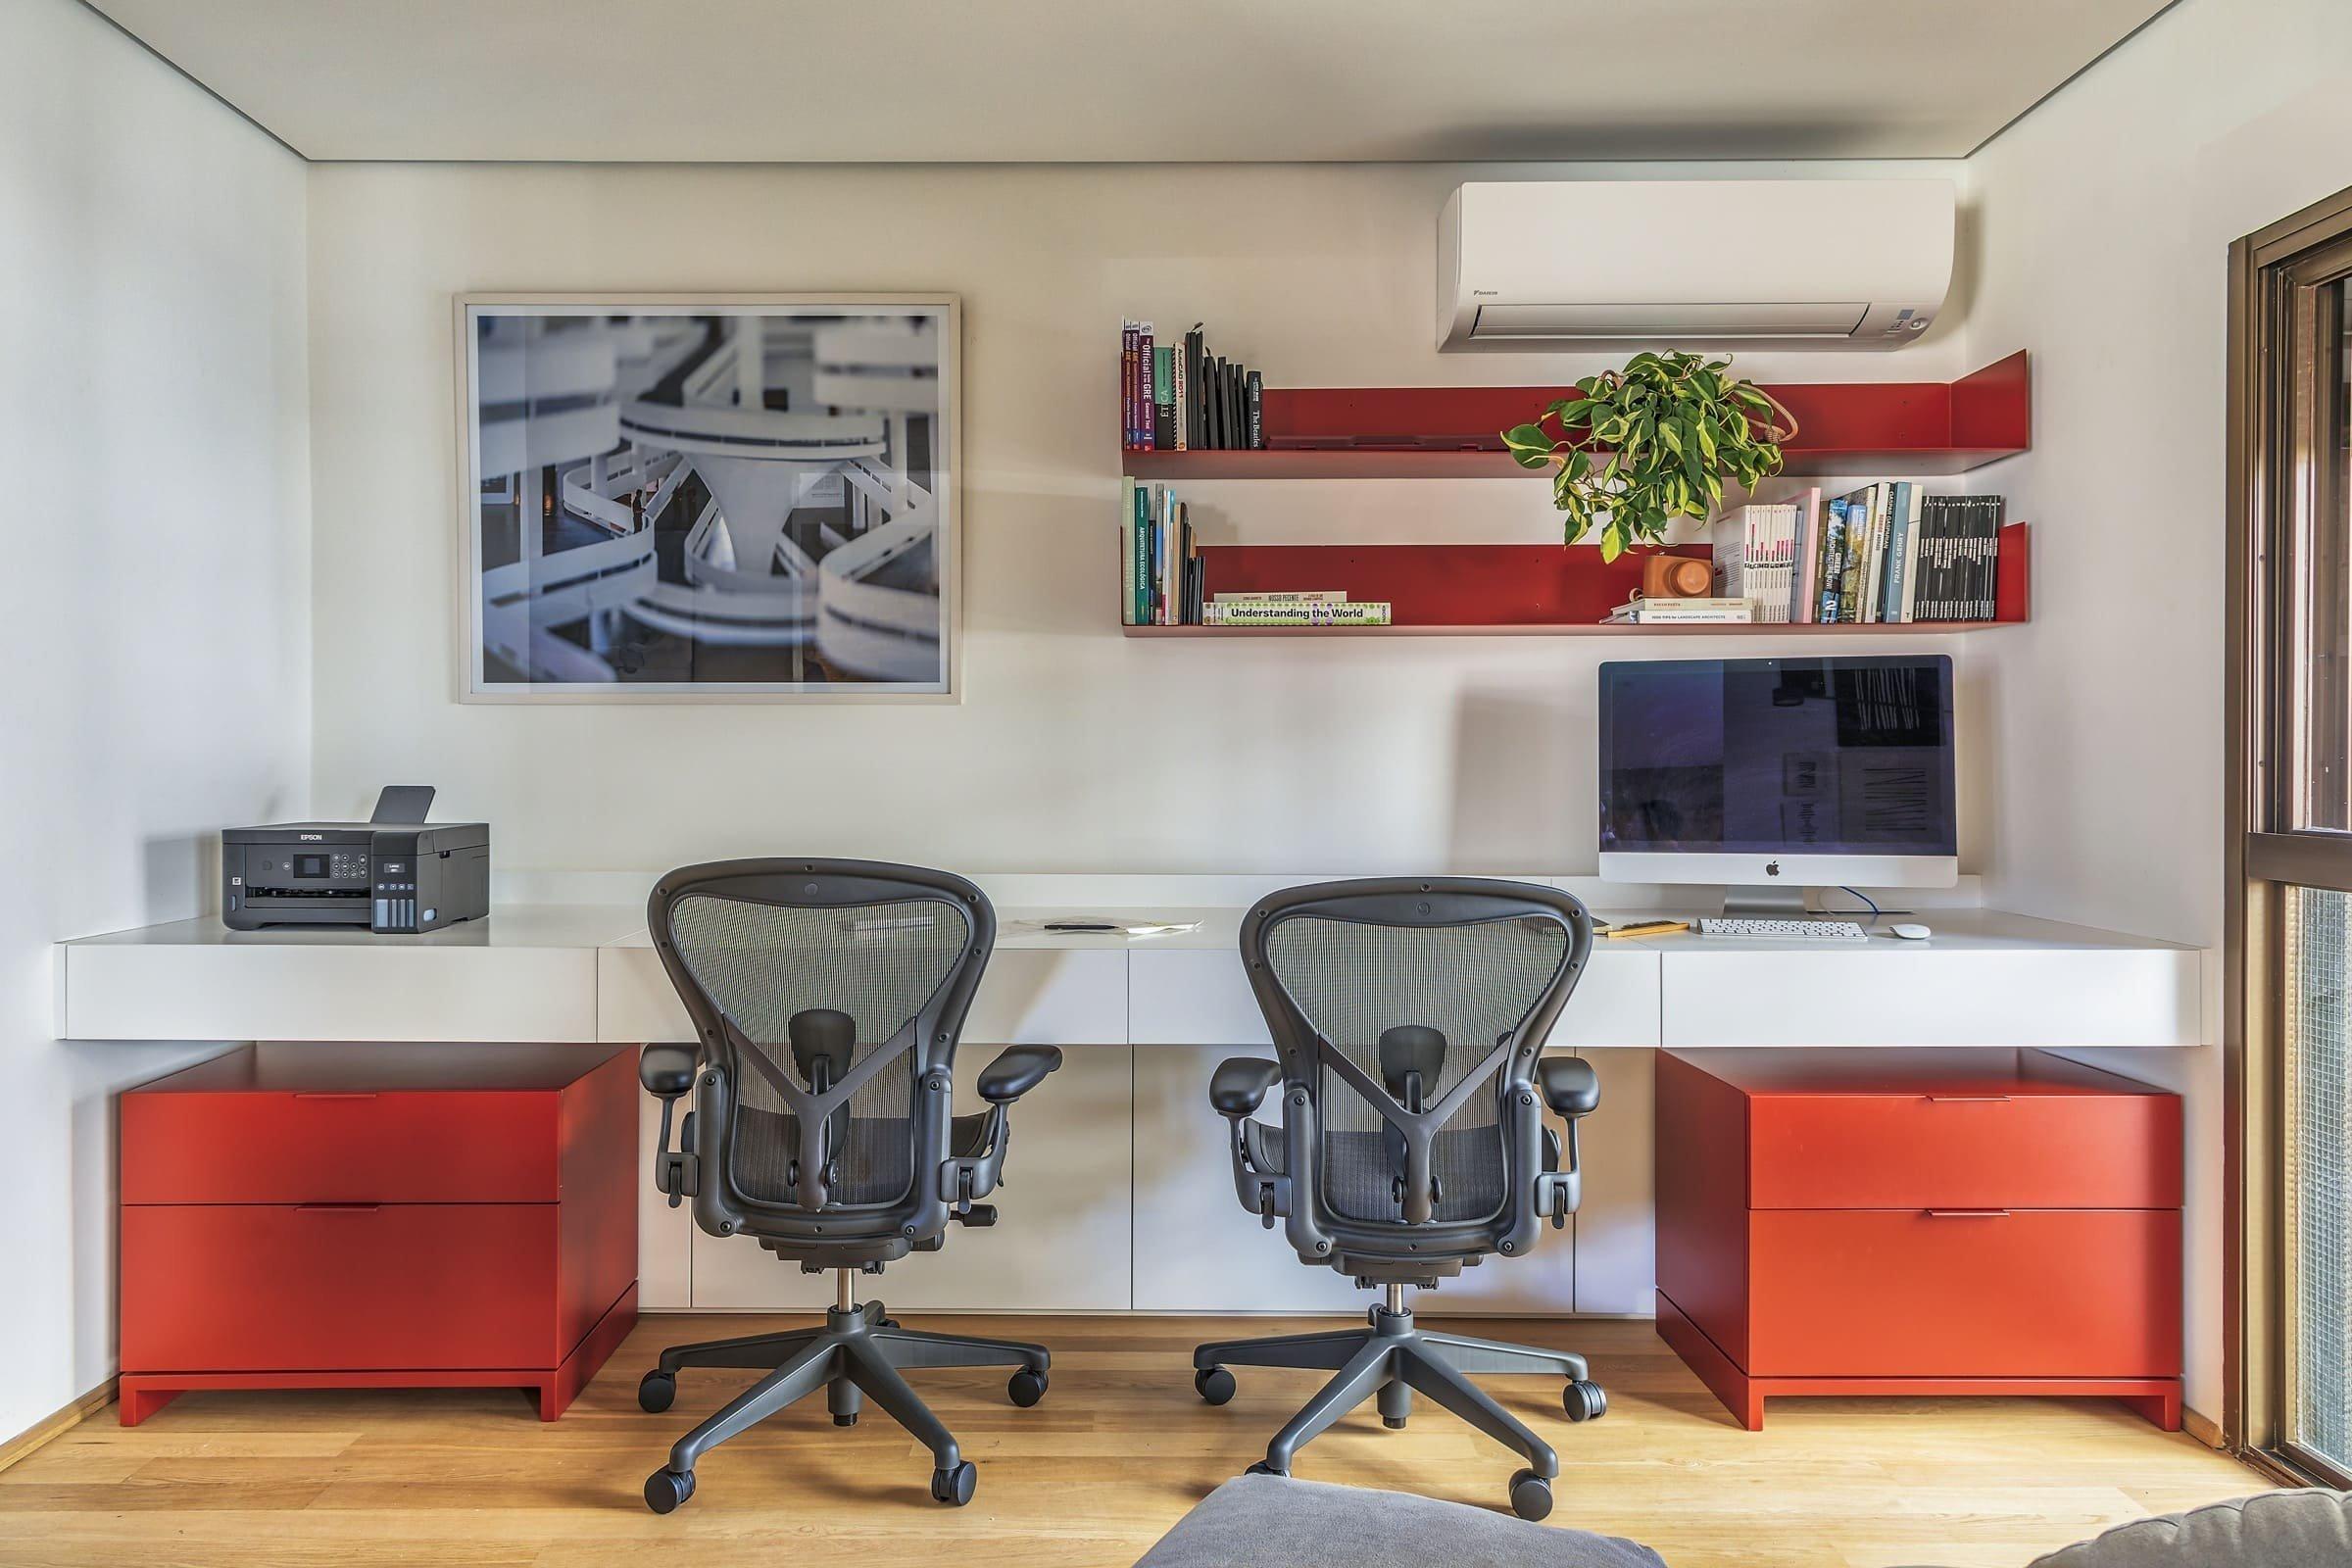 Bílé stěny a dřevěnou podlahu oživuje červená barva nábytku